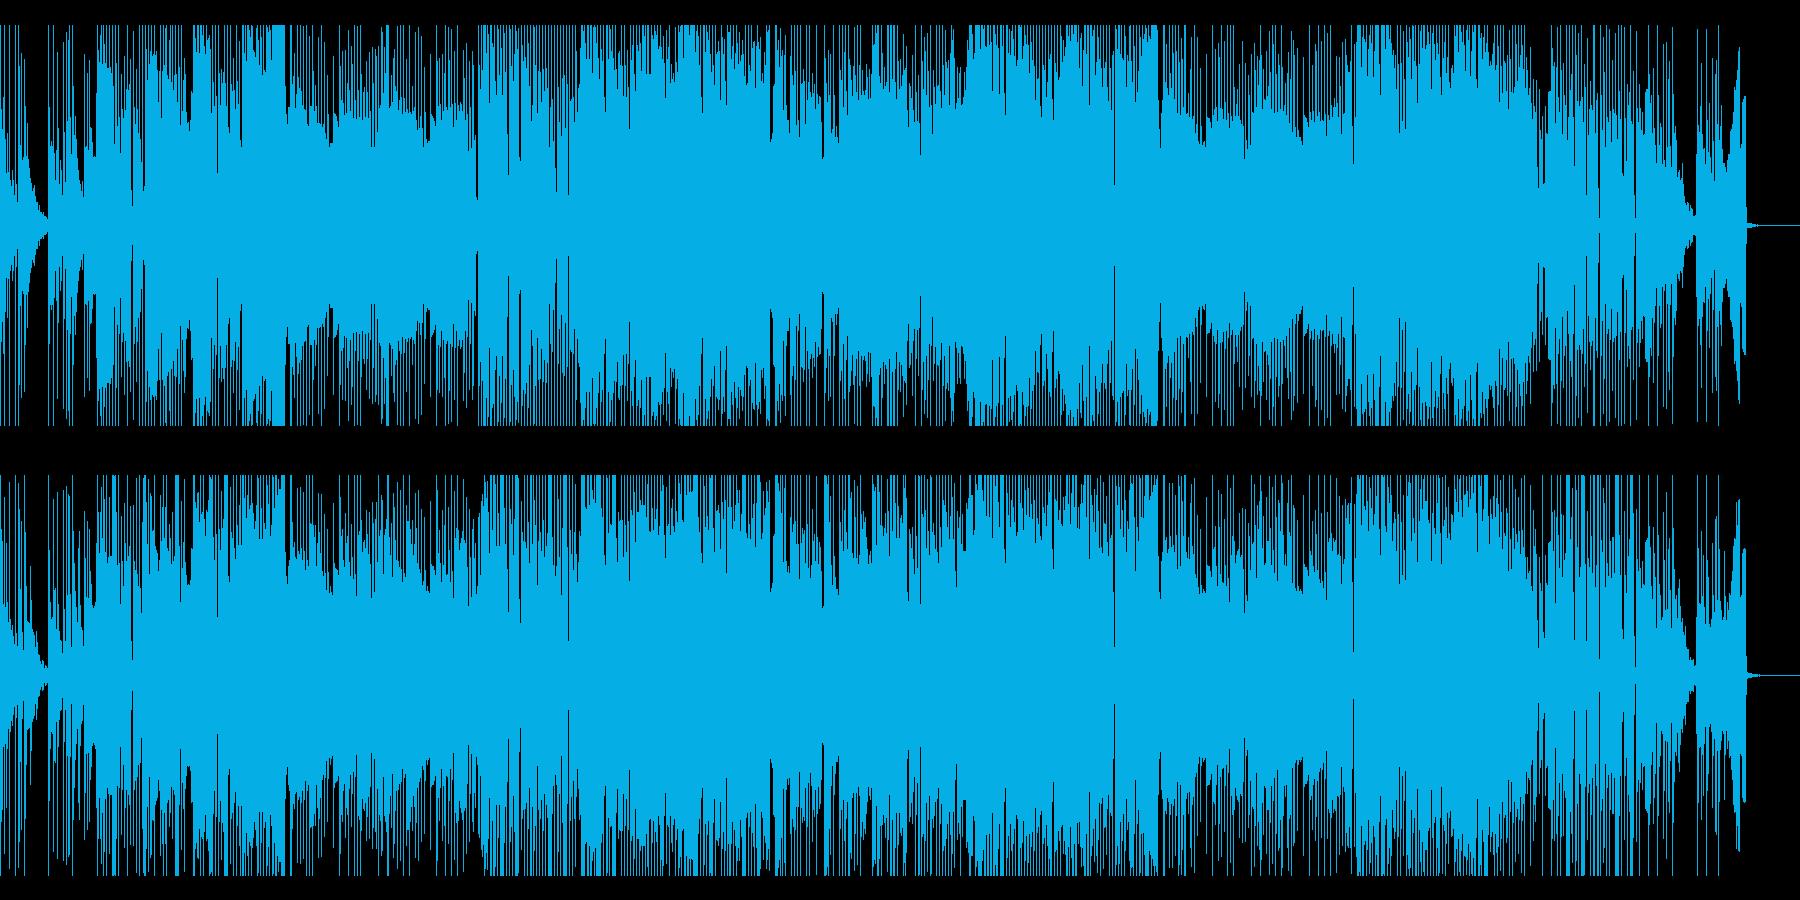 耳に残る印象的なリズムが特徴の曲の再生済みの波形